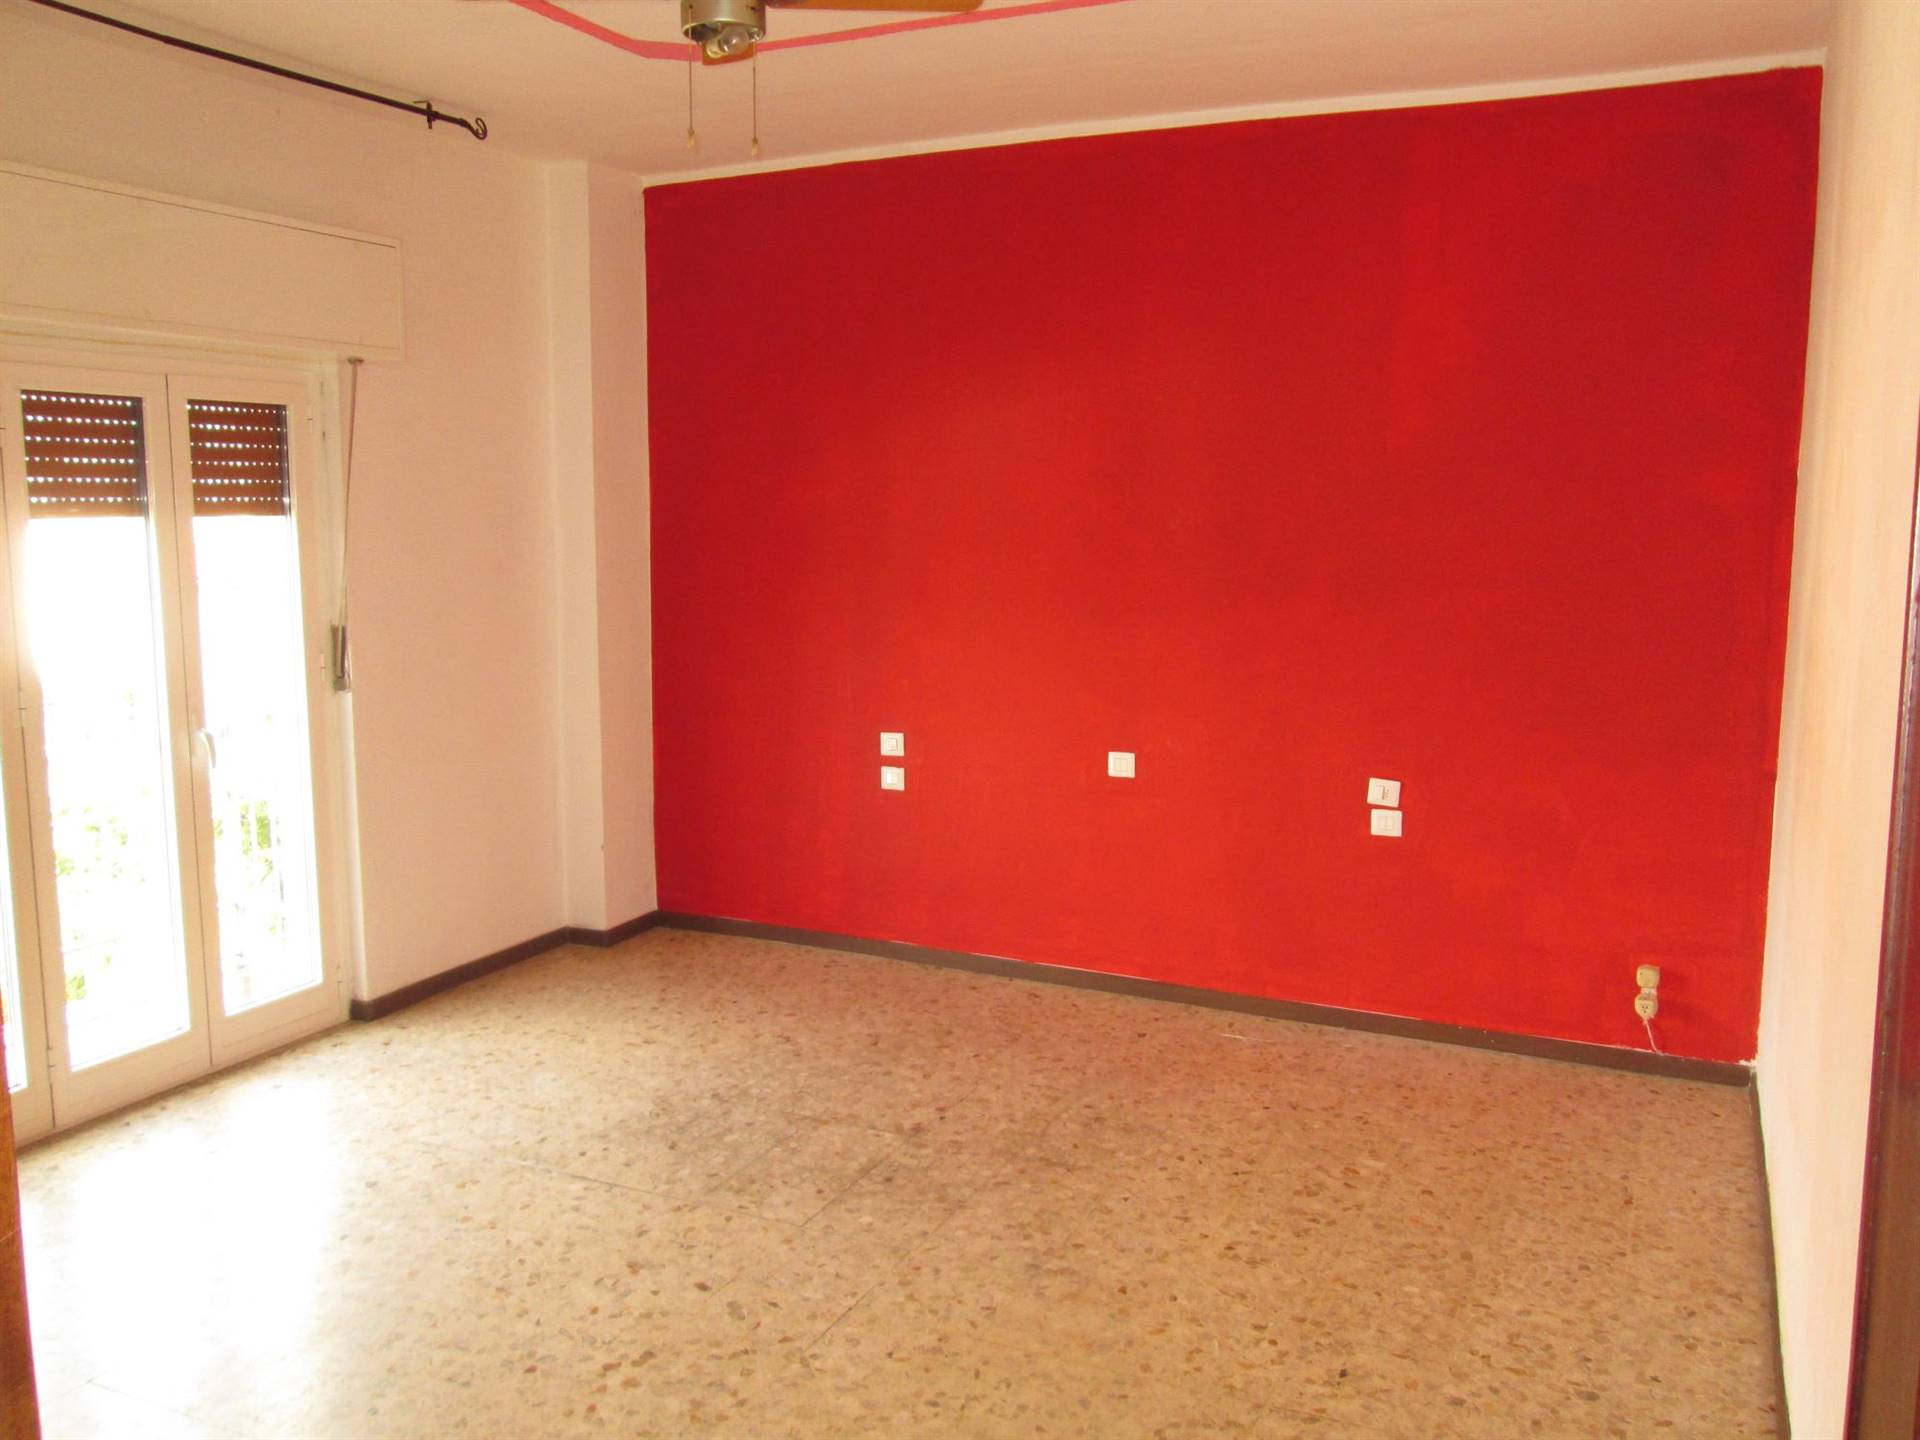 Appartamento in vendita a Caronno Pertusella, 3 locali, prezzo € 95.000 | PortaleAgenzieImmobiliari.it